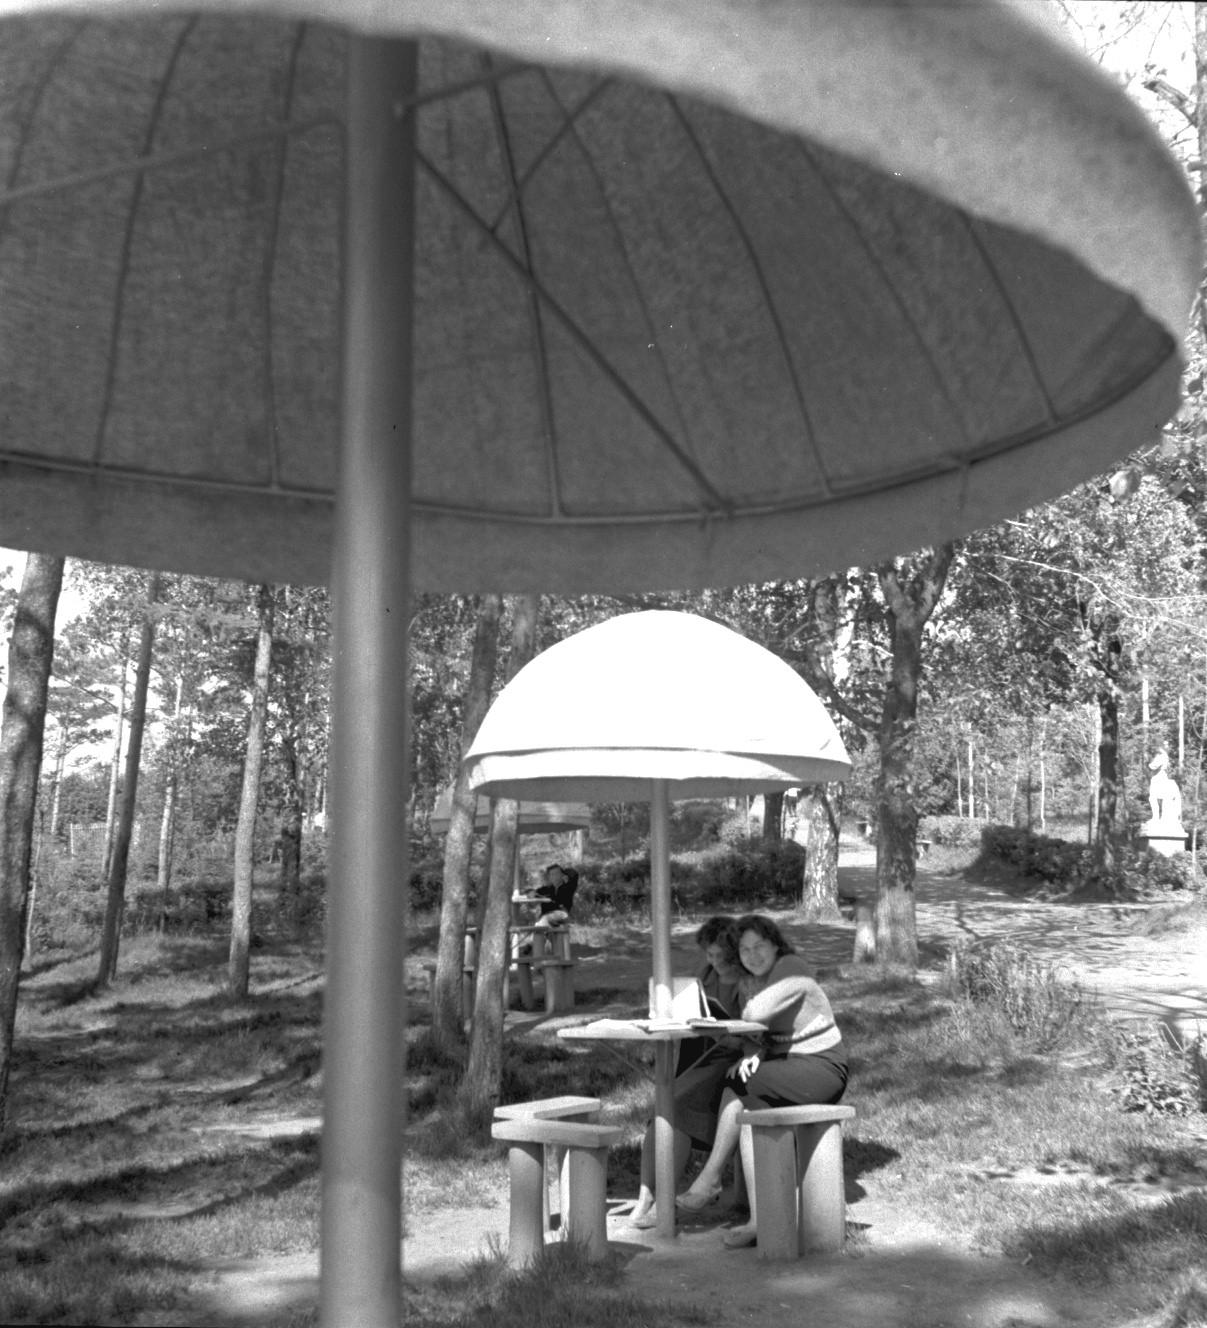 В городском парке под зонтиком